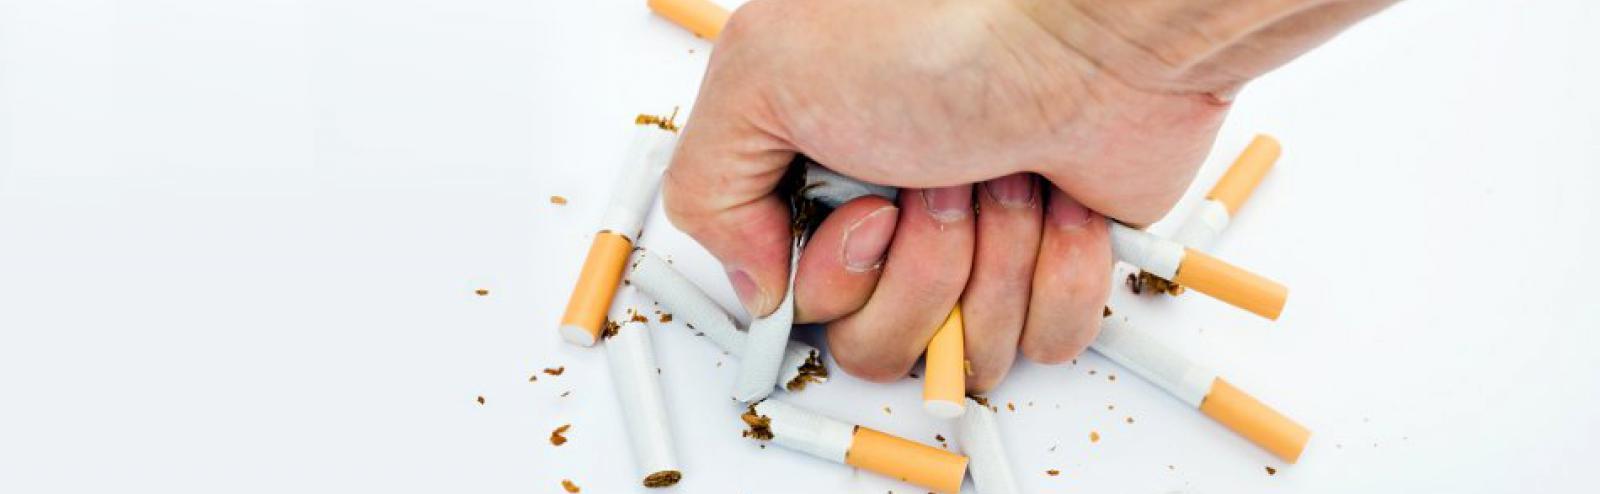 Arrêt du tabac et prise de poids : solutions et conseils d'une diététicienne